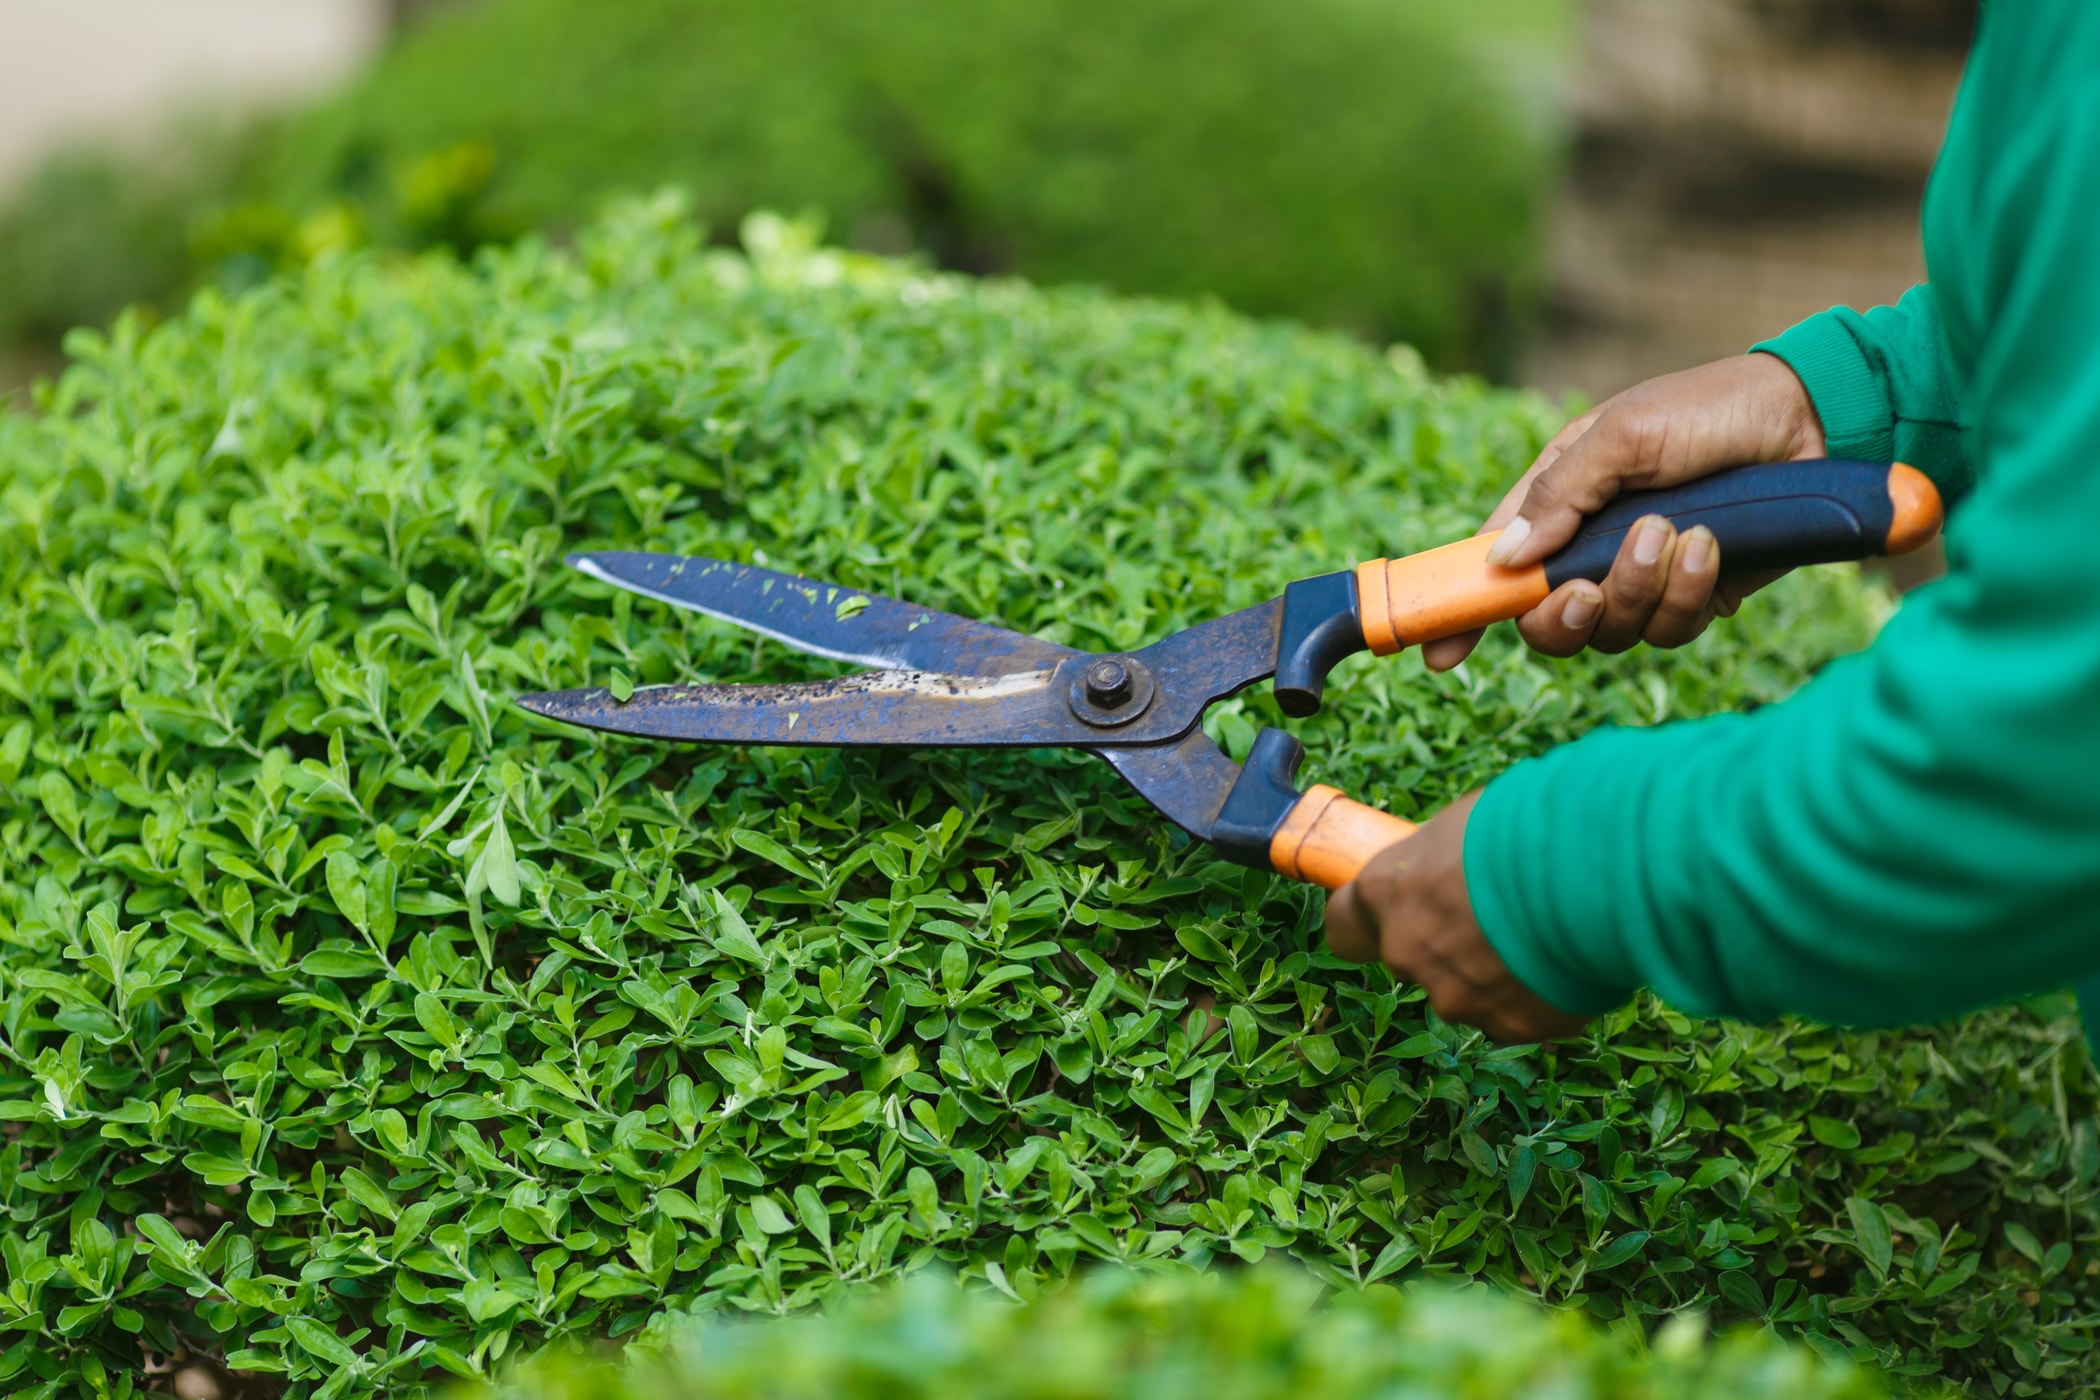 Садовый инвентарь и инструмент высокого качества